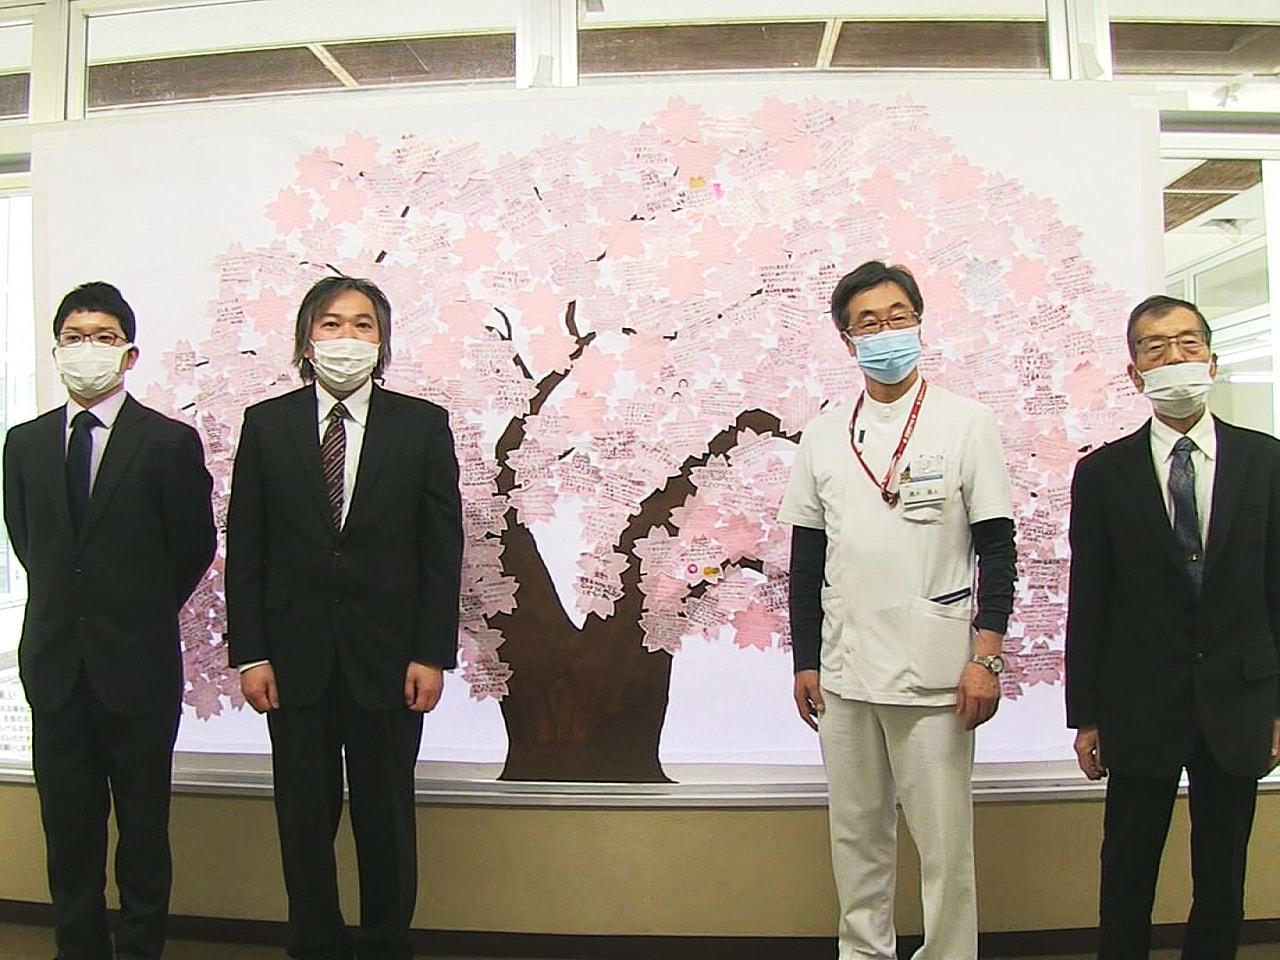 新型コロナウイルスに立ち向かう医療従事者を応援しようと、岐阜県飛騨市神岡町の新聞...